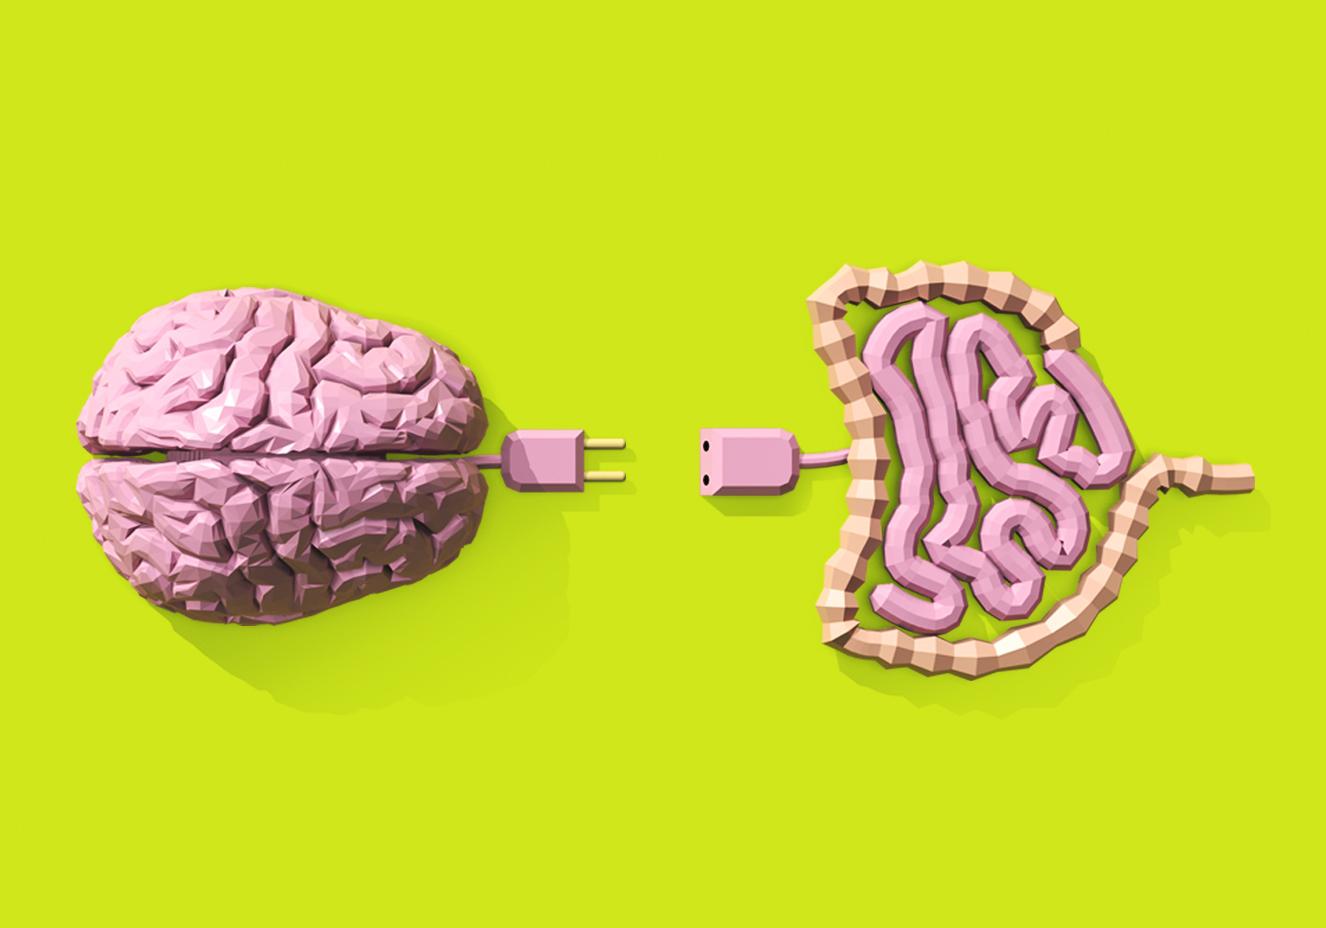 Ciclo da vida e longevidade: efeito da alimentação sobre o cérebro